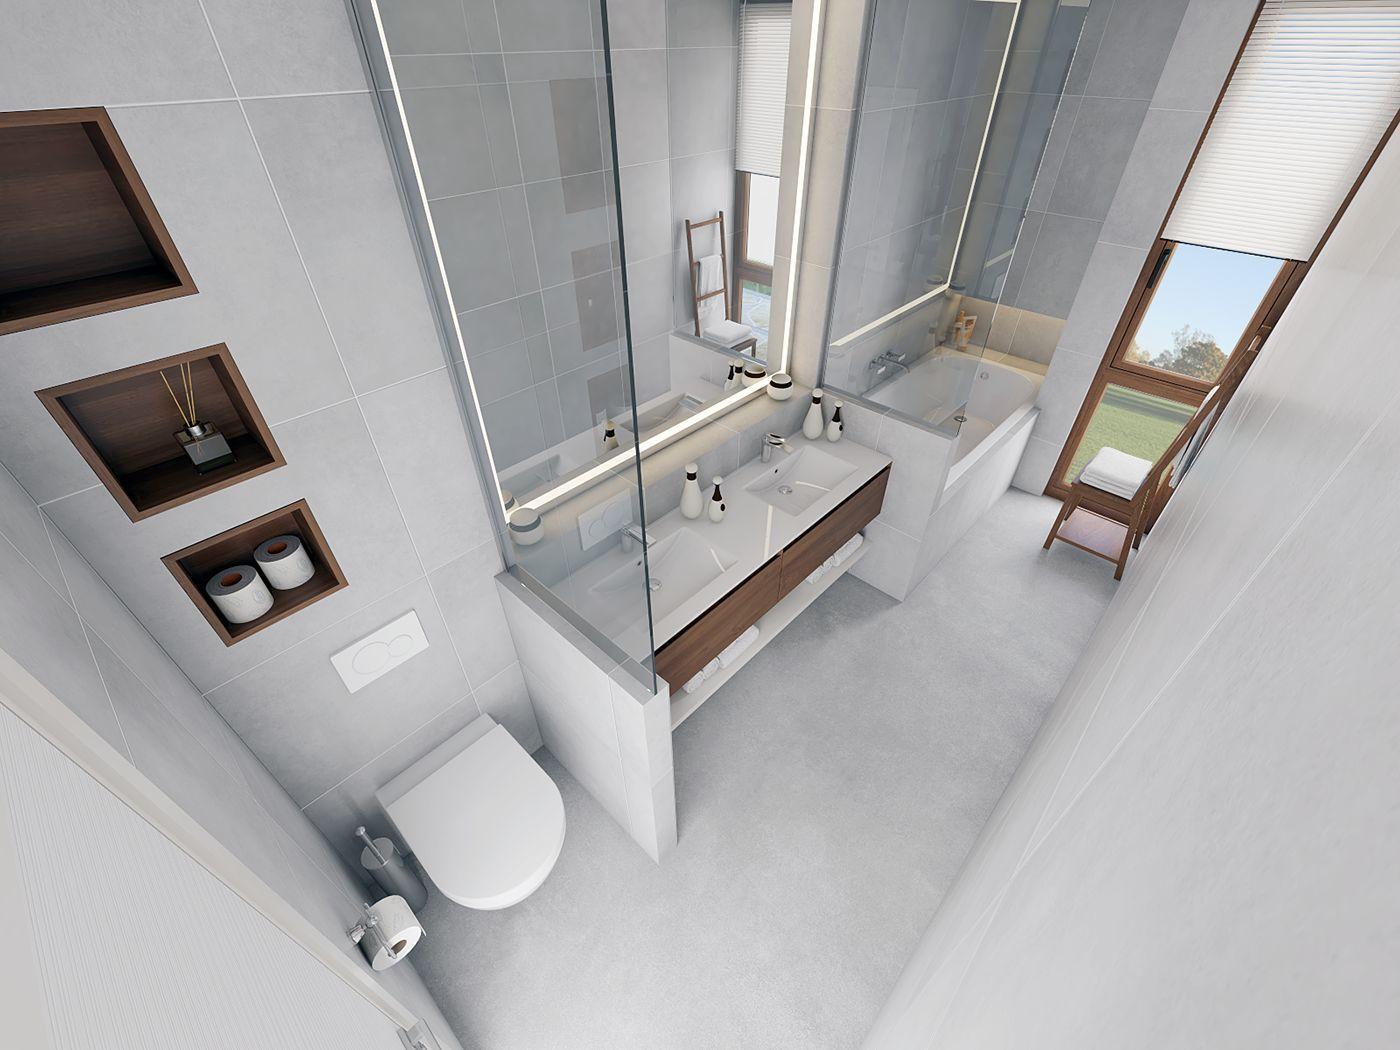 Dupla mosdód fürdőkádas fürdőszoba